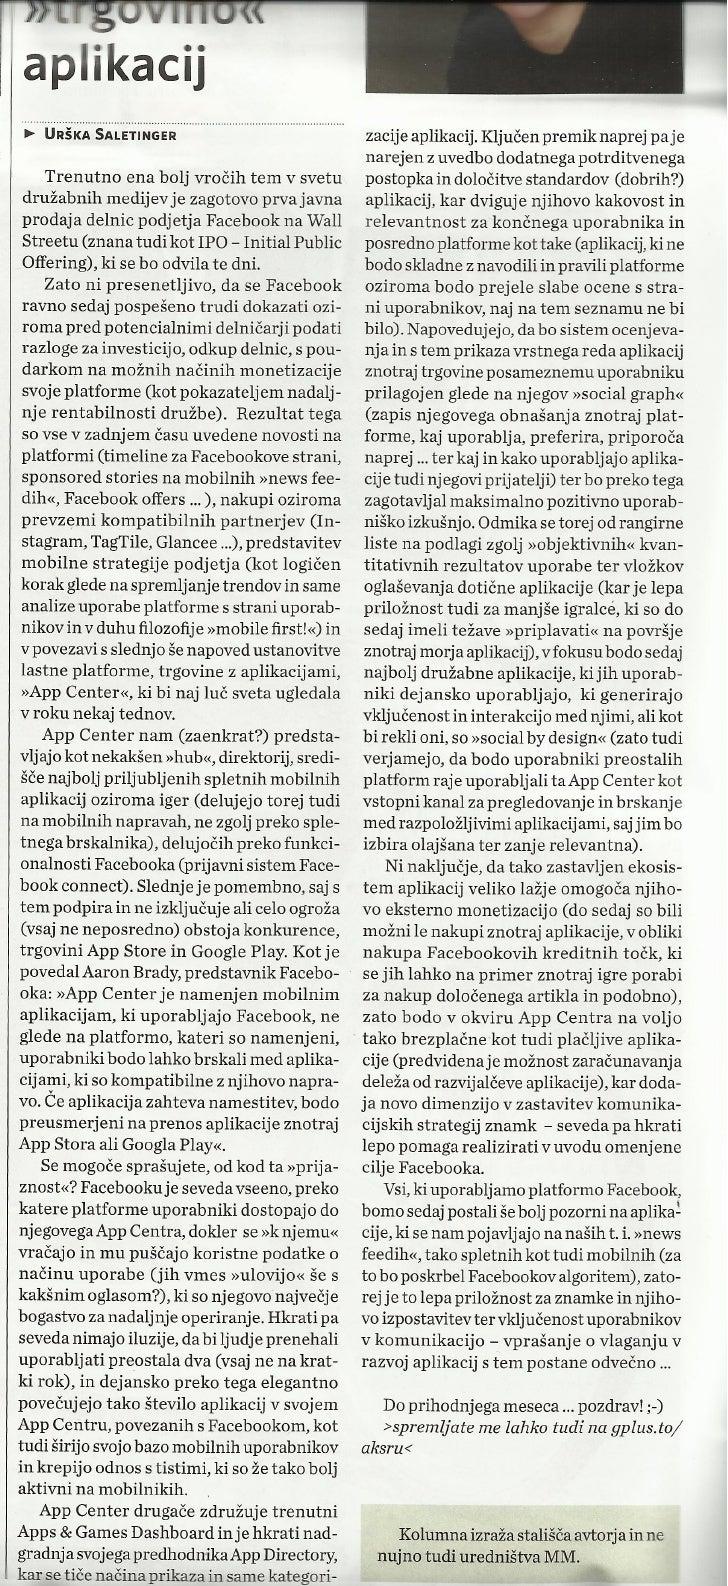 """Sedaj tudi Facebook s svojo """"trgovino"""" aplikacij._Marketing Magazin_jun2012_st.373_str.18"""